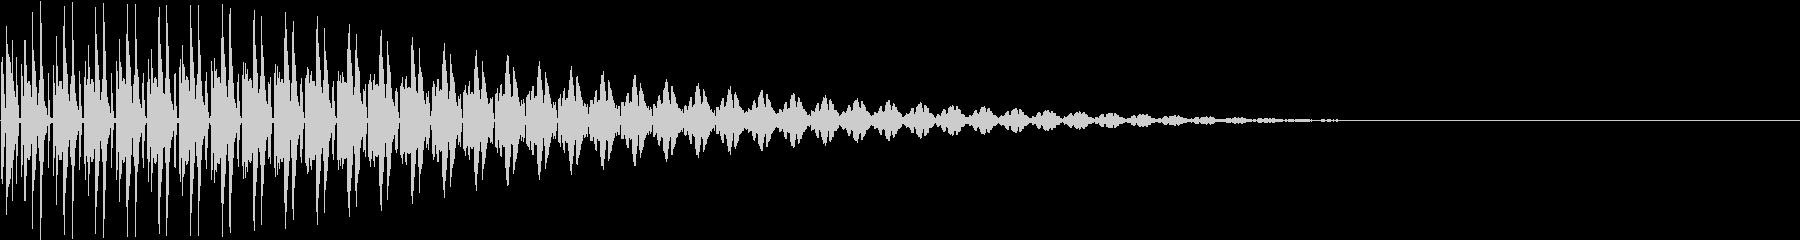 BOTAN テクノな決定ボタン 1の未再生の波形